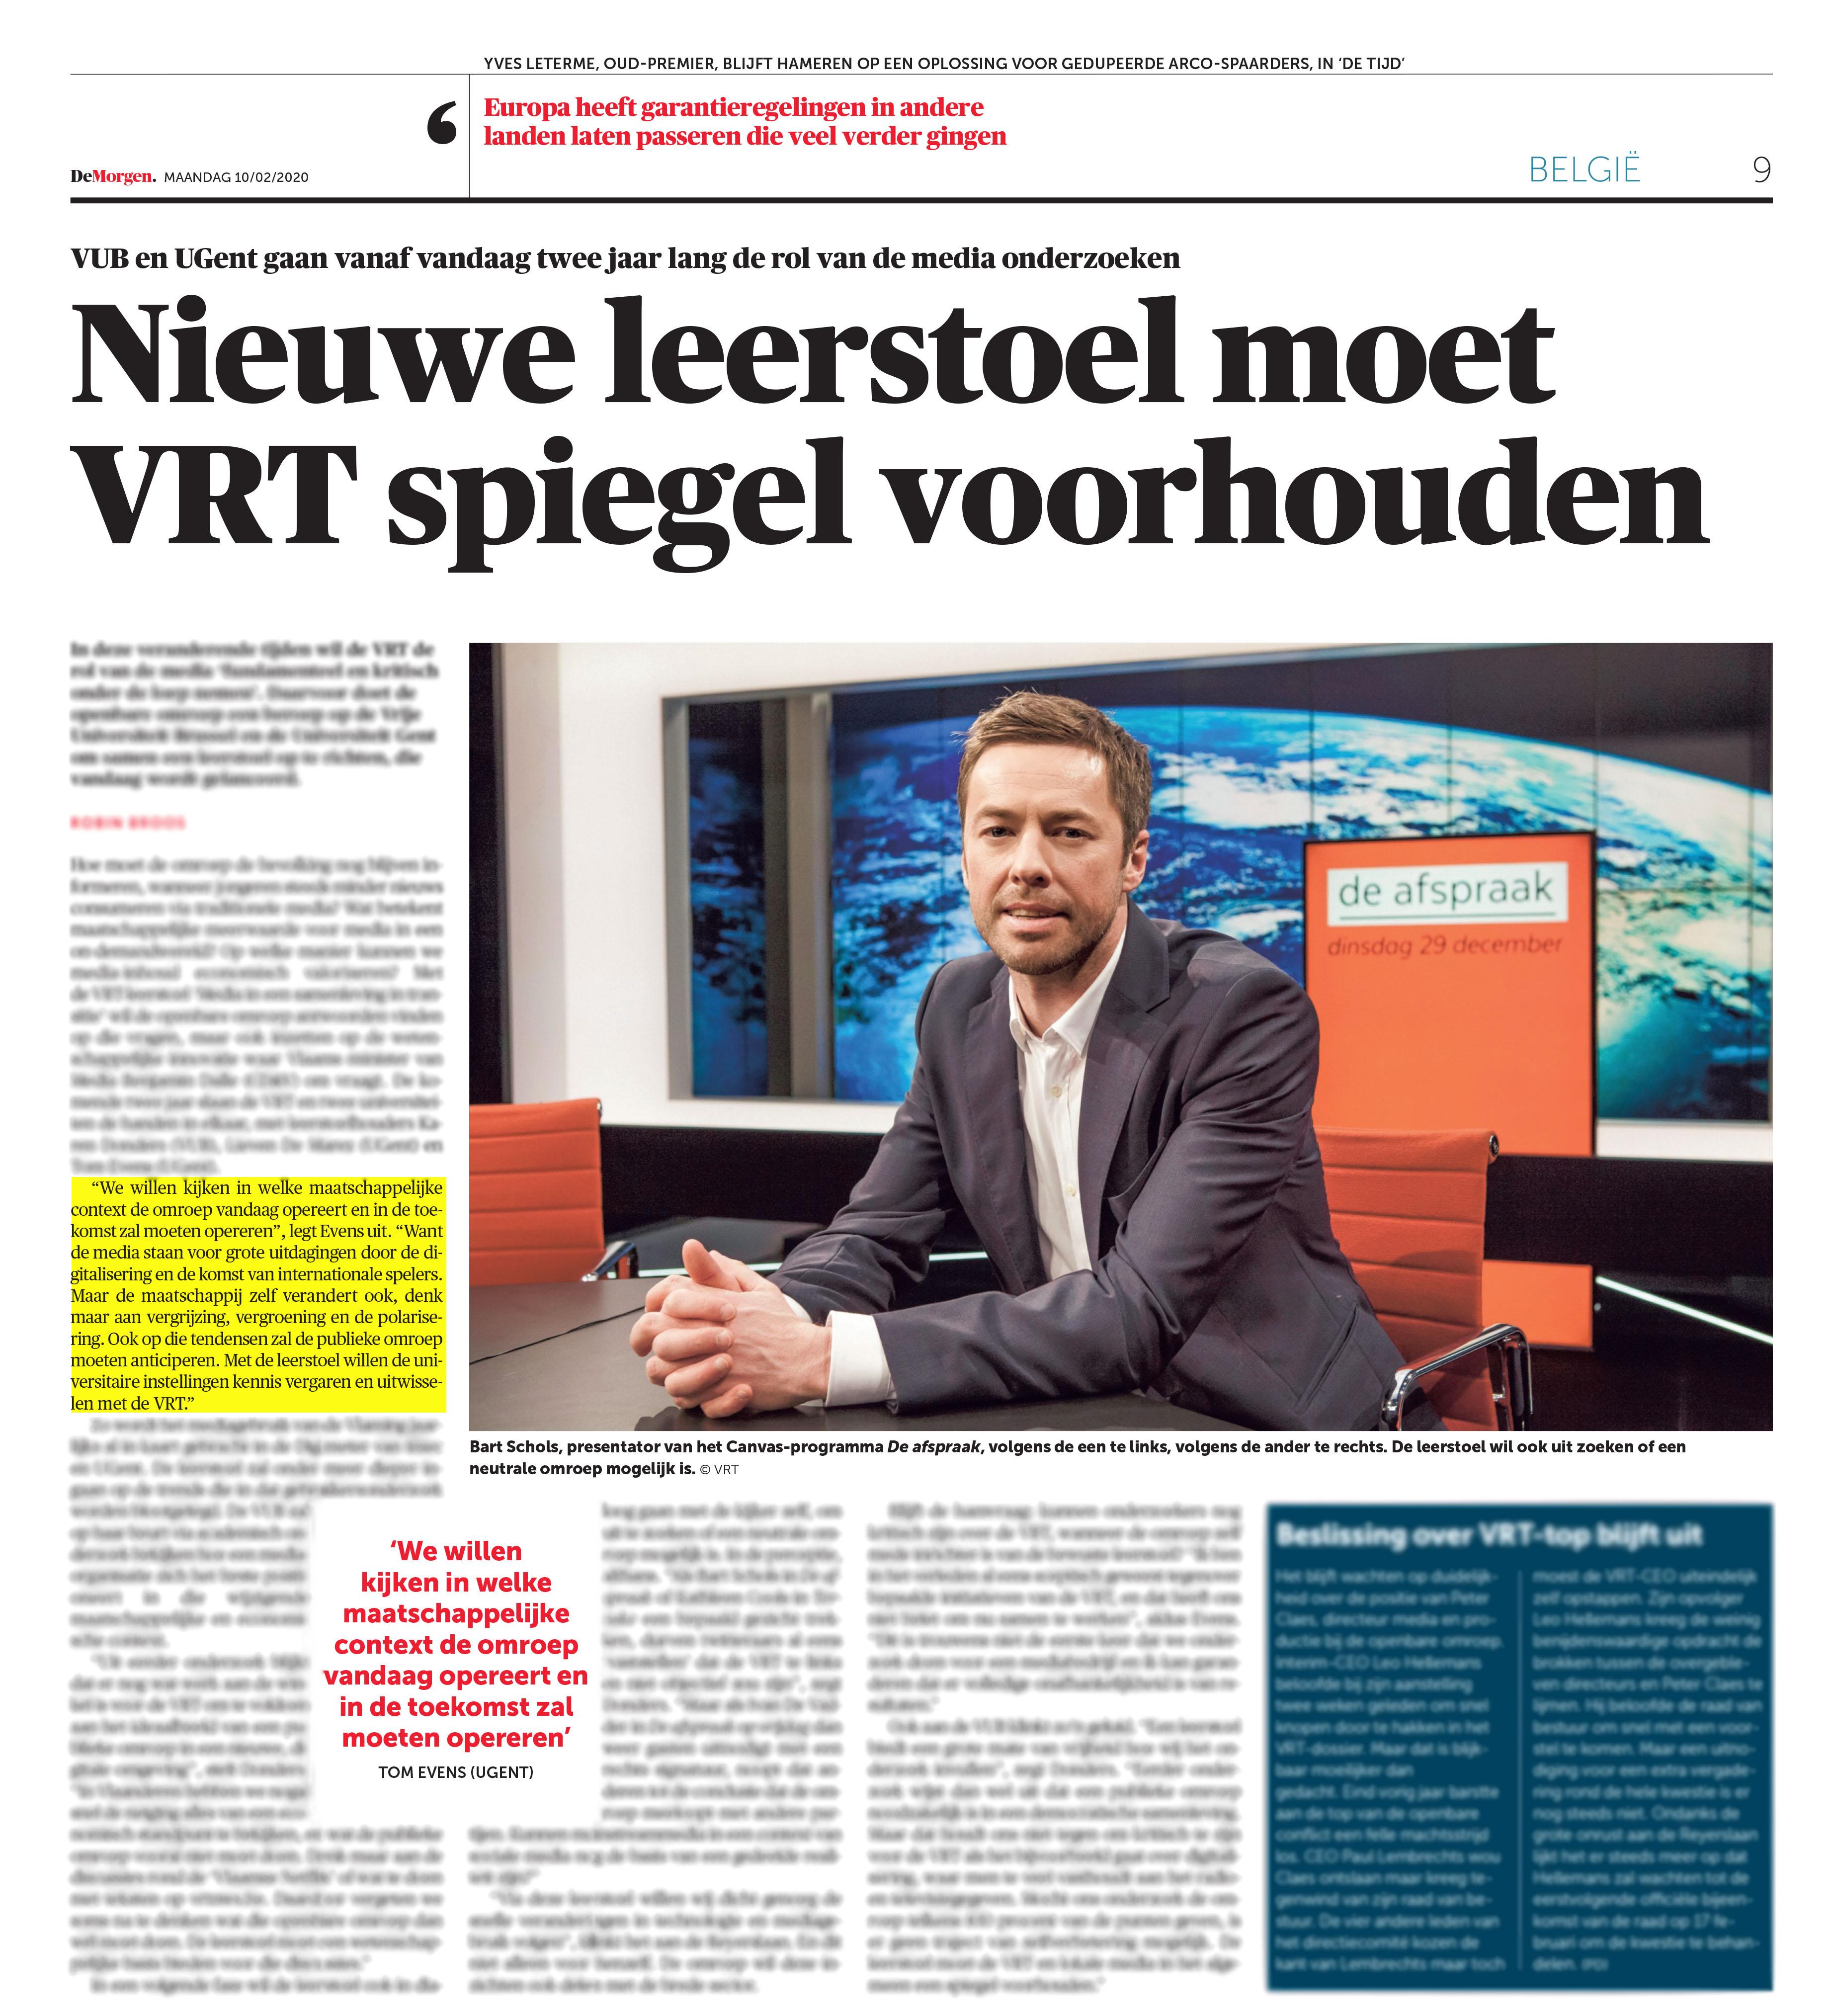 BRON: De Morgen, 10/02/2020, p 9